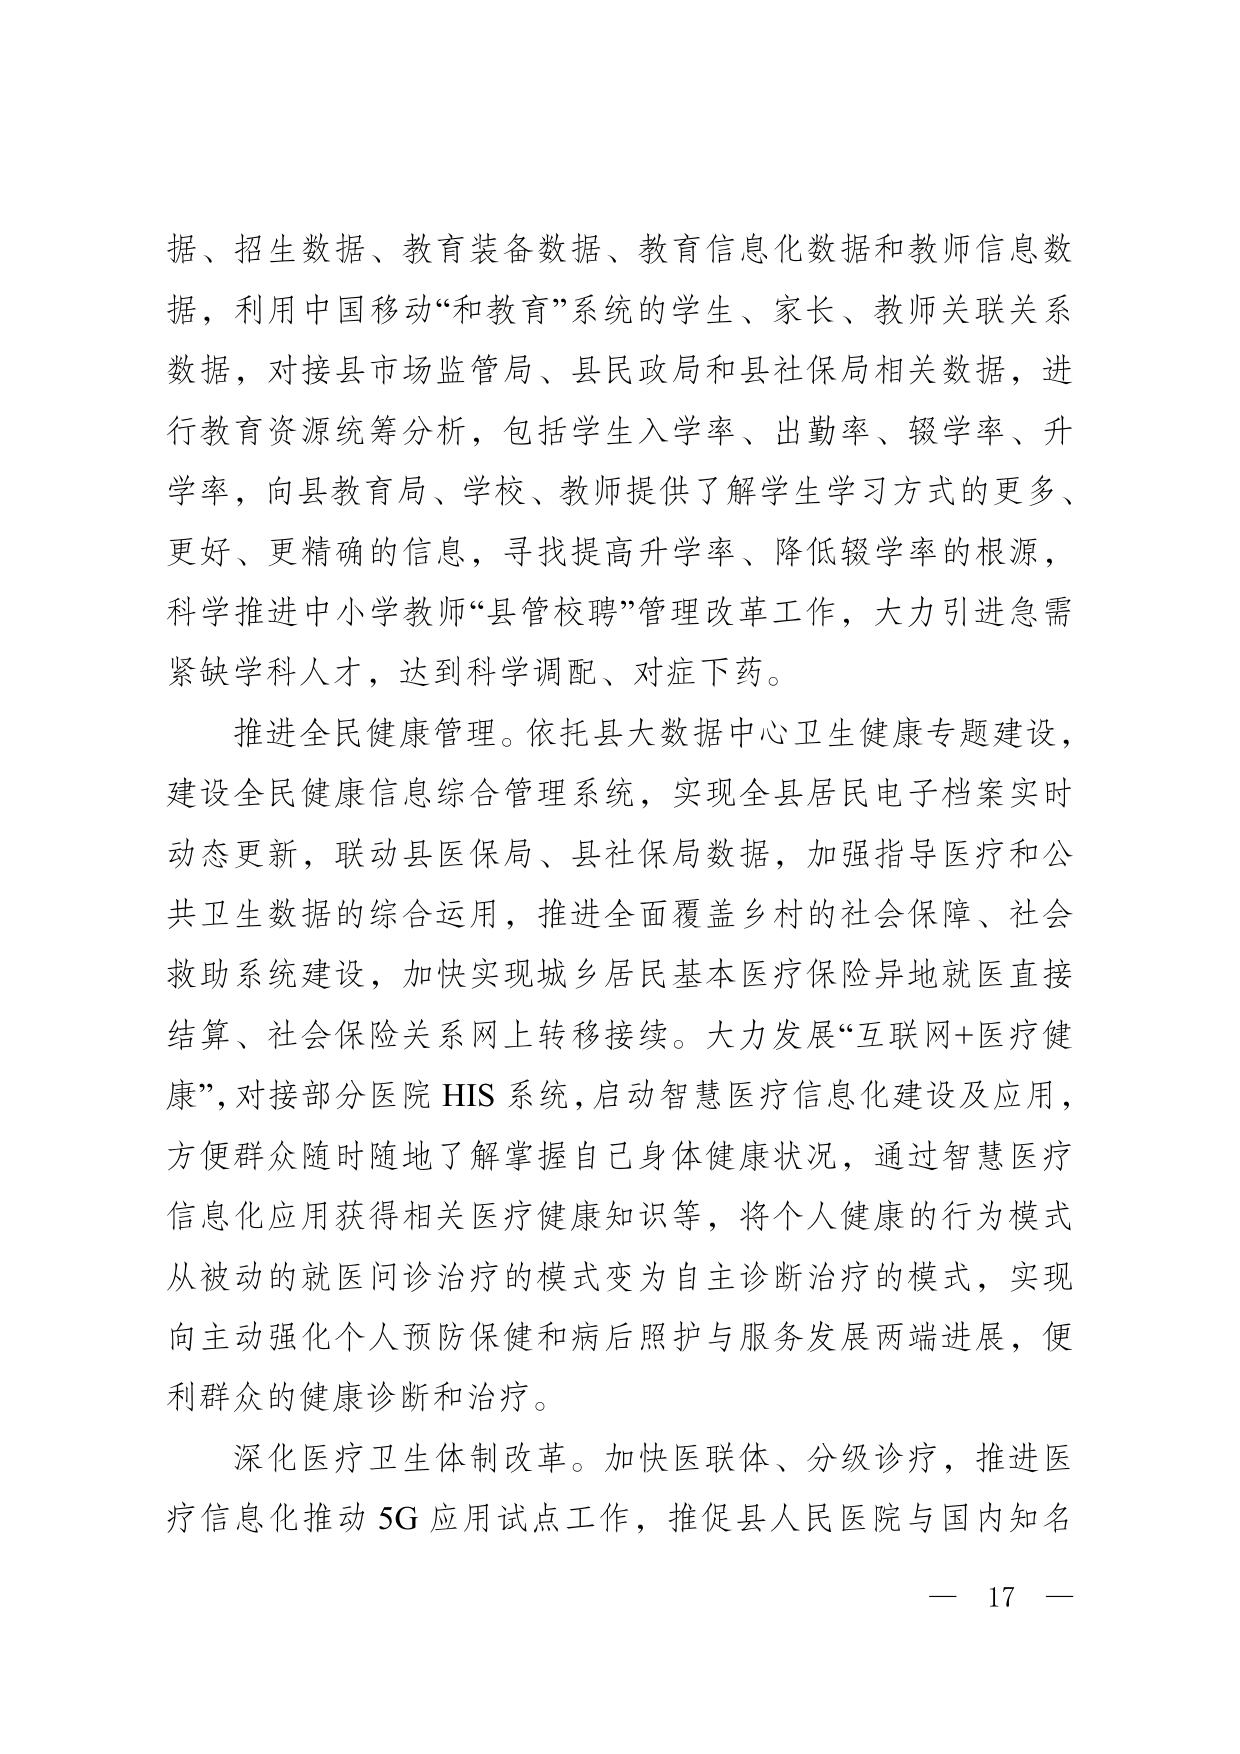 华办函〔2020〕5号关于印发《五华县数字乡村发展总体规划(2020—2025年)》的通知0016.jpg